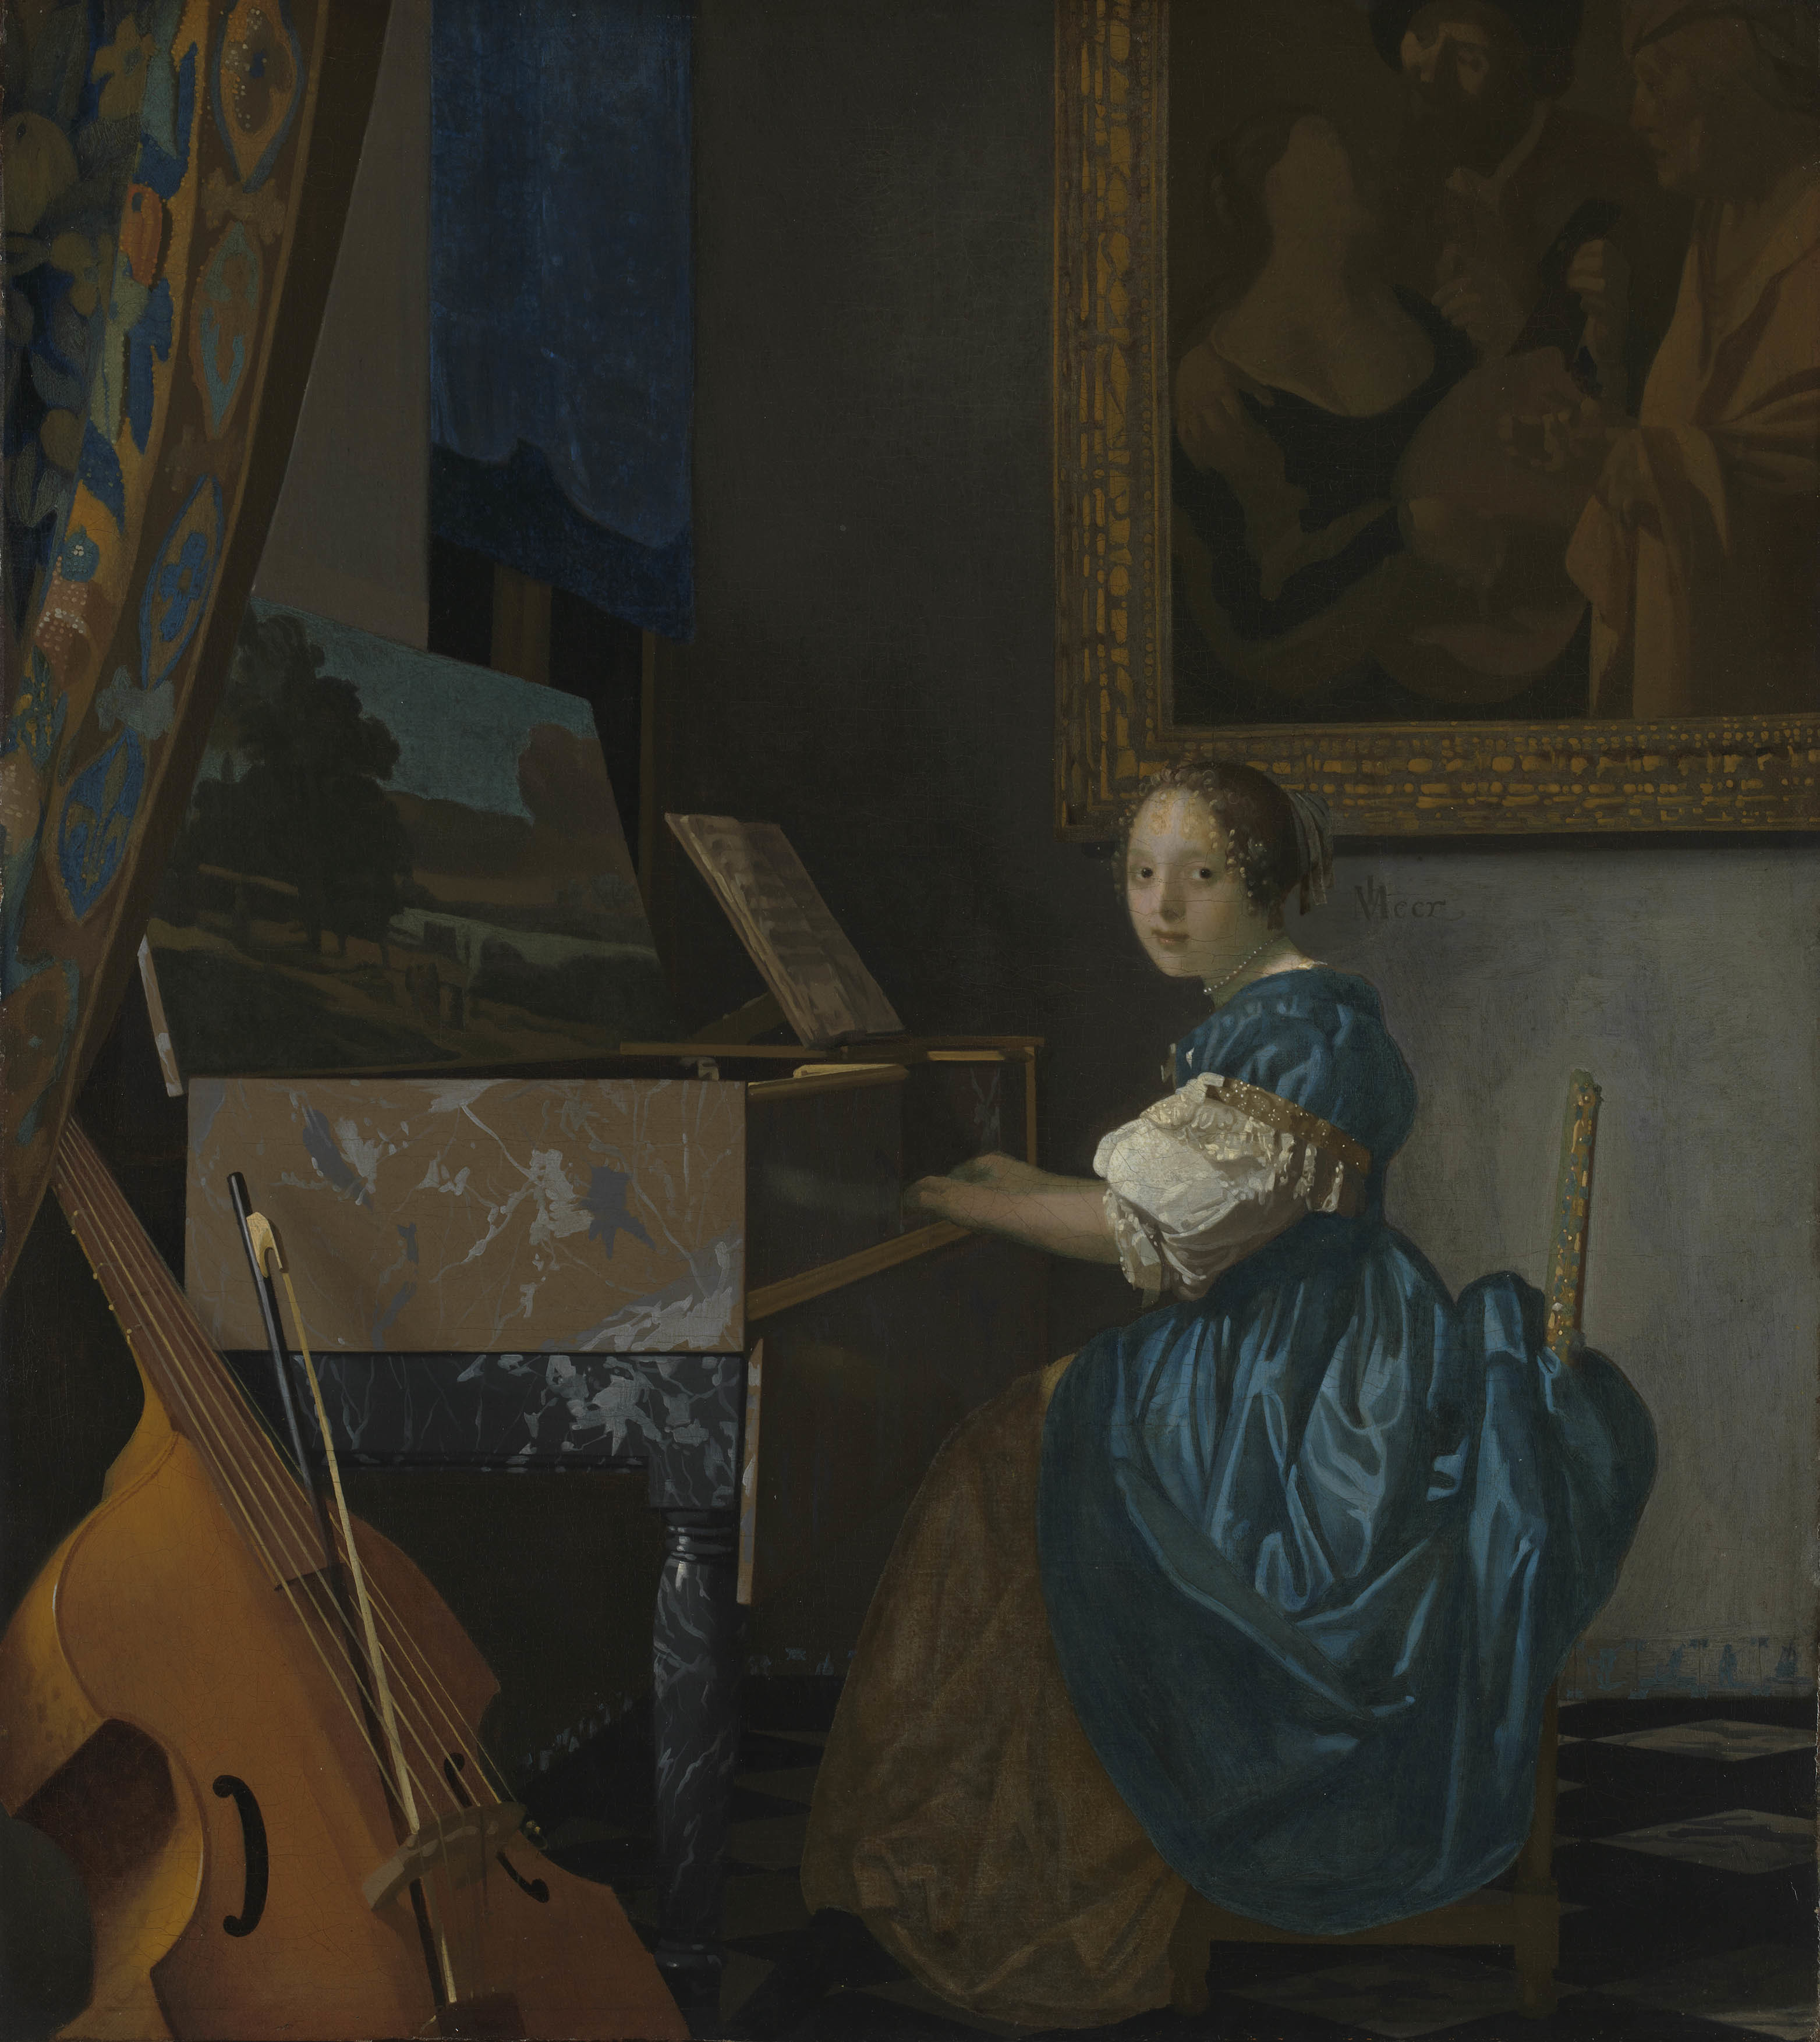 ヨハネス・フェルメール 《ヴァージナルの前に座る若い女性》 1670-72年頃 油彩・カンヴァス 51.5×45.5cm  (C)The National Gallery, London. Salting Bequest, 1910